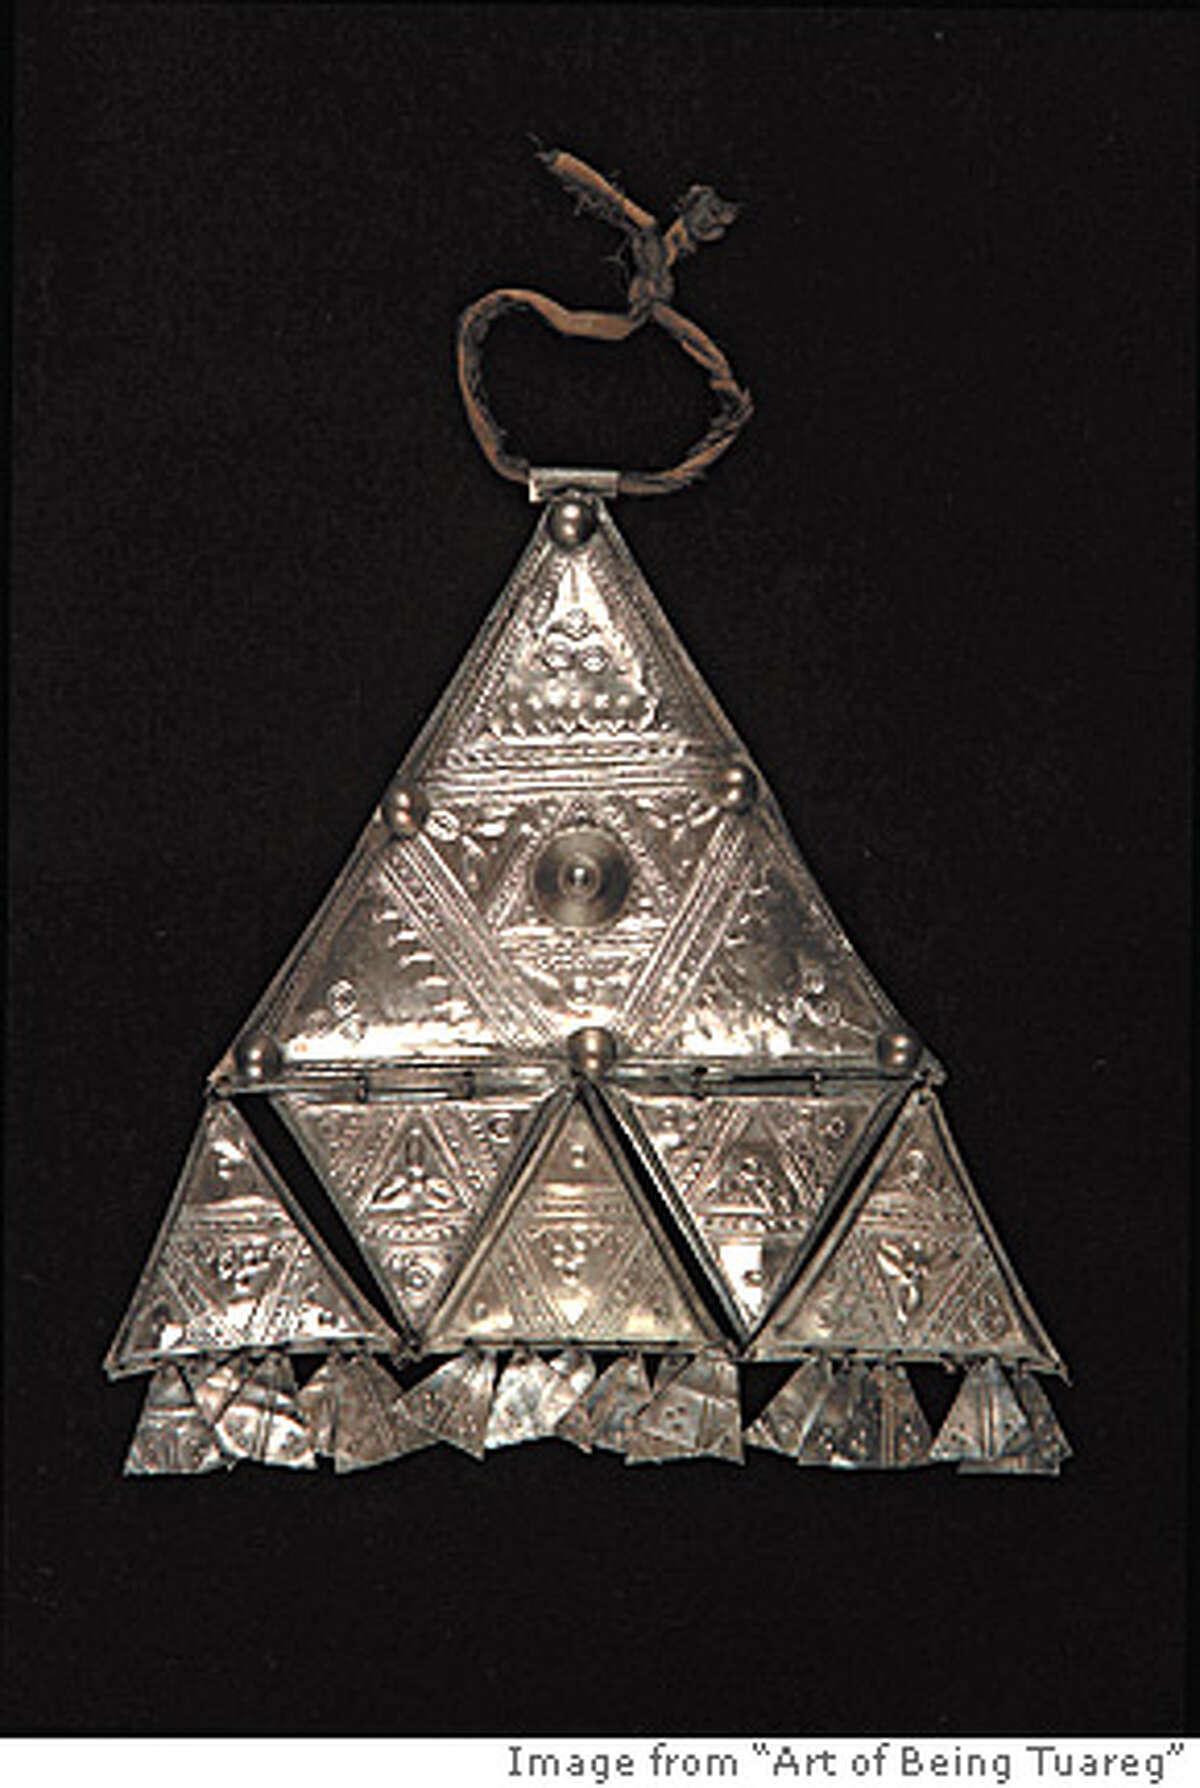 """Tuareg Tamanrasset, Algeria """"Pectoral Pendant"""", c.unknown Silver 9.25 x 9.65 x .55 inches Musee du Quai Branly"""